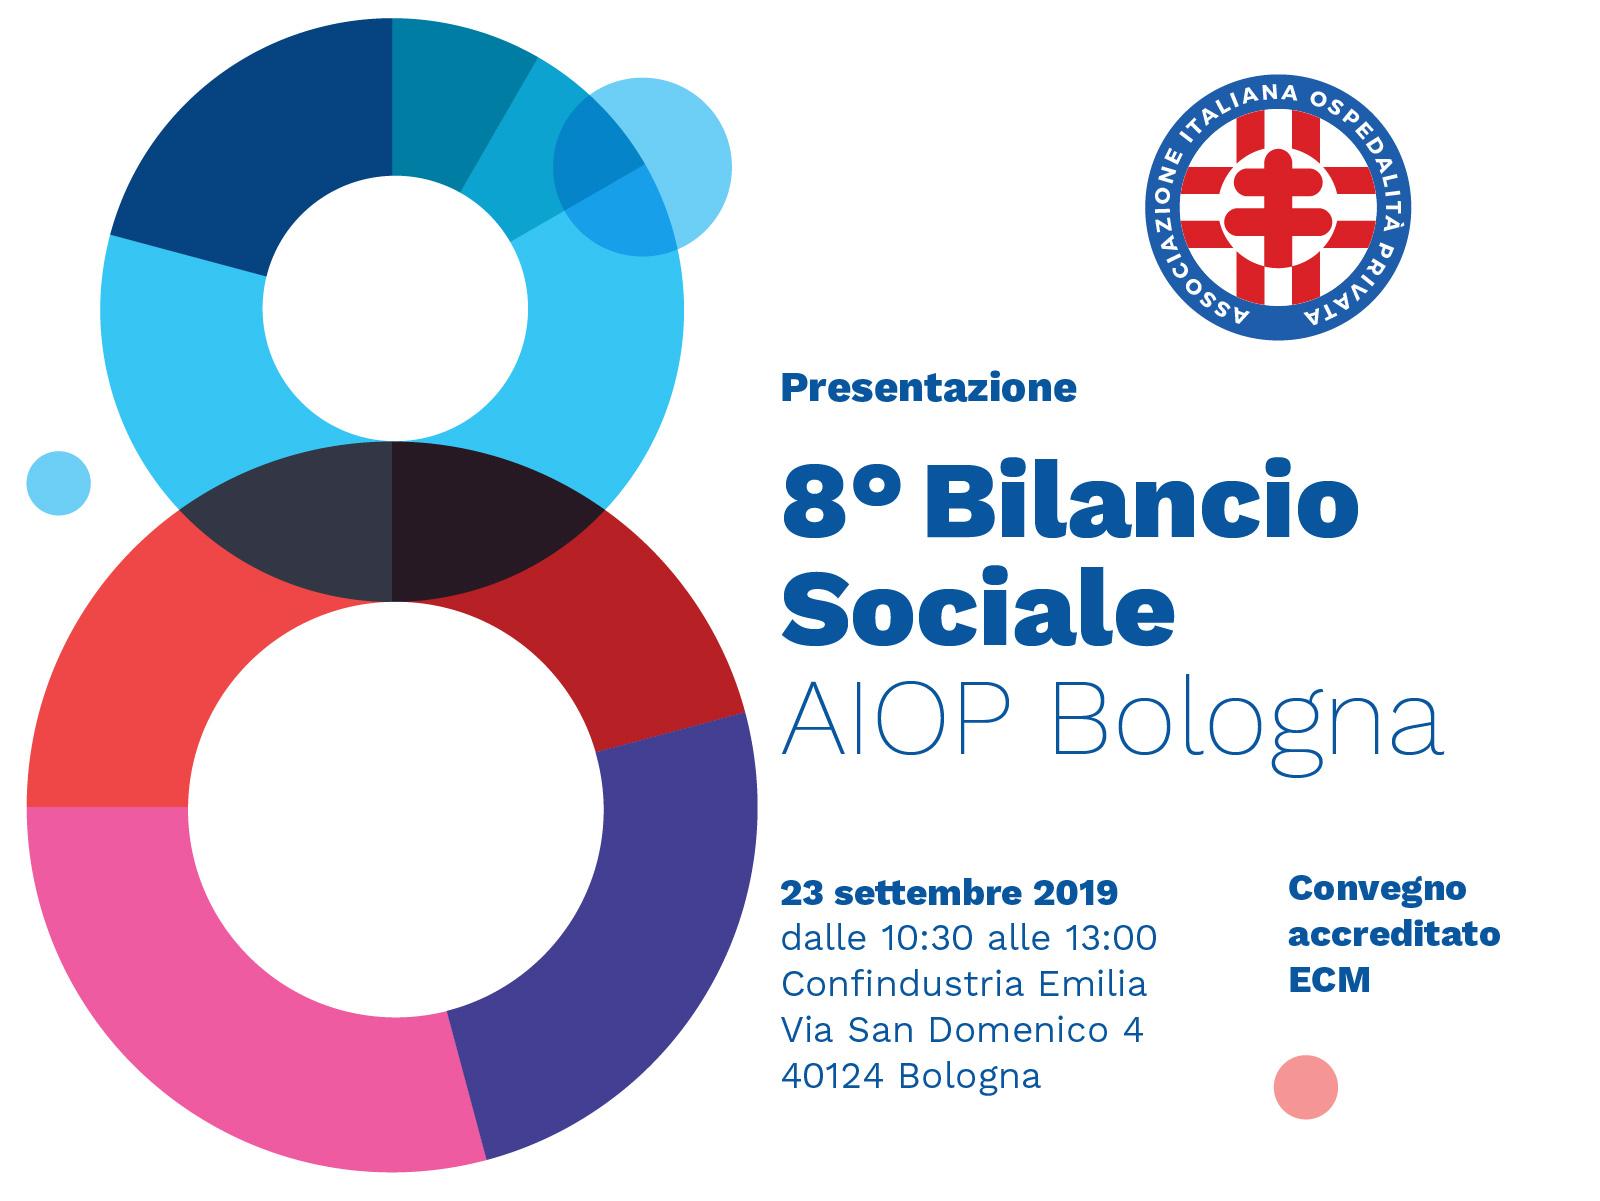 La sanità come motore di sviluppo: AIOP Bologna presenta l'8° Bilancio Sociale.